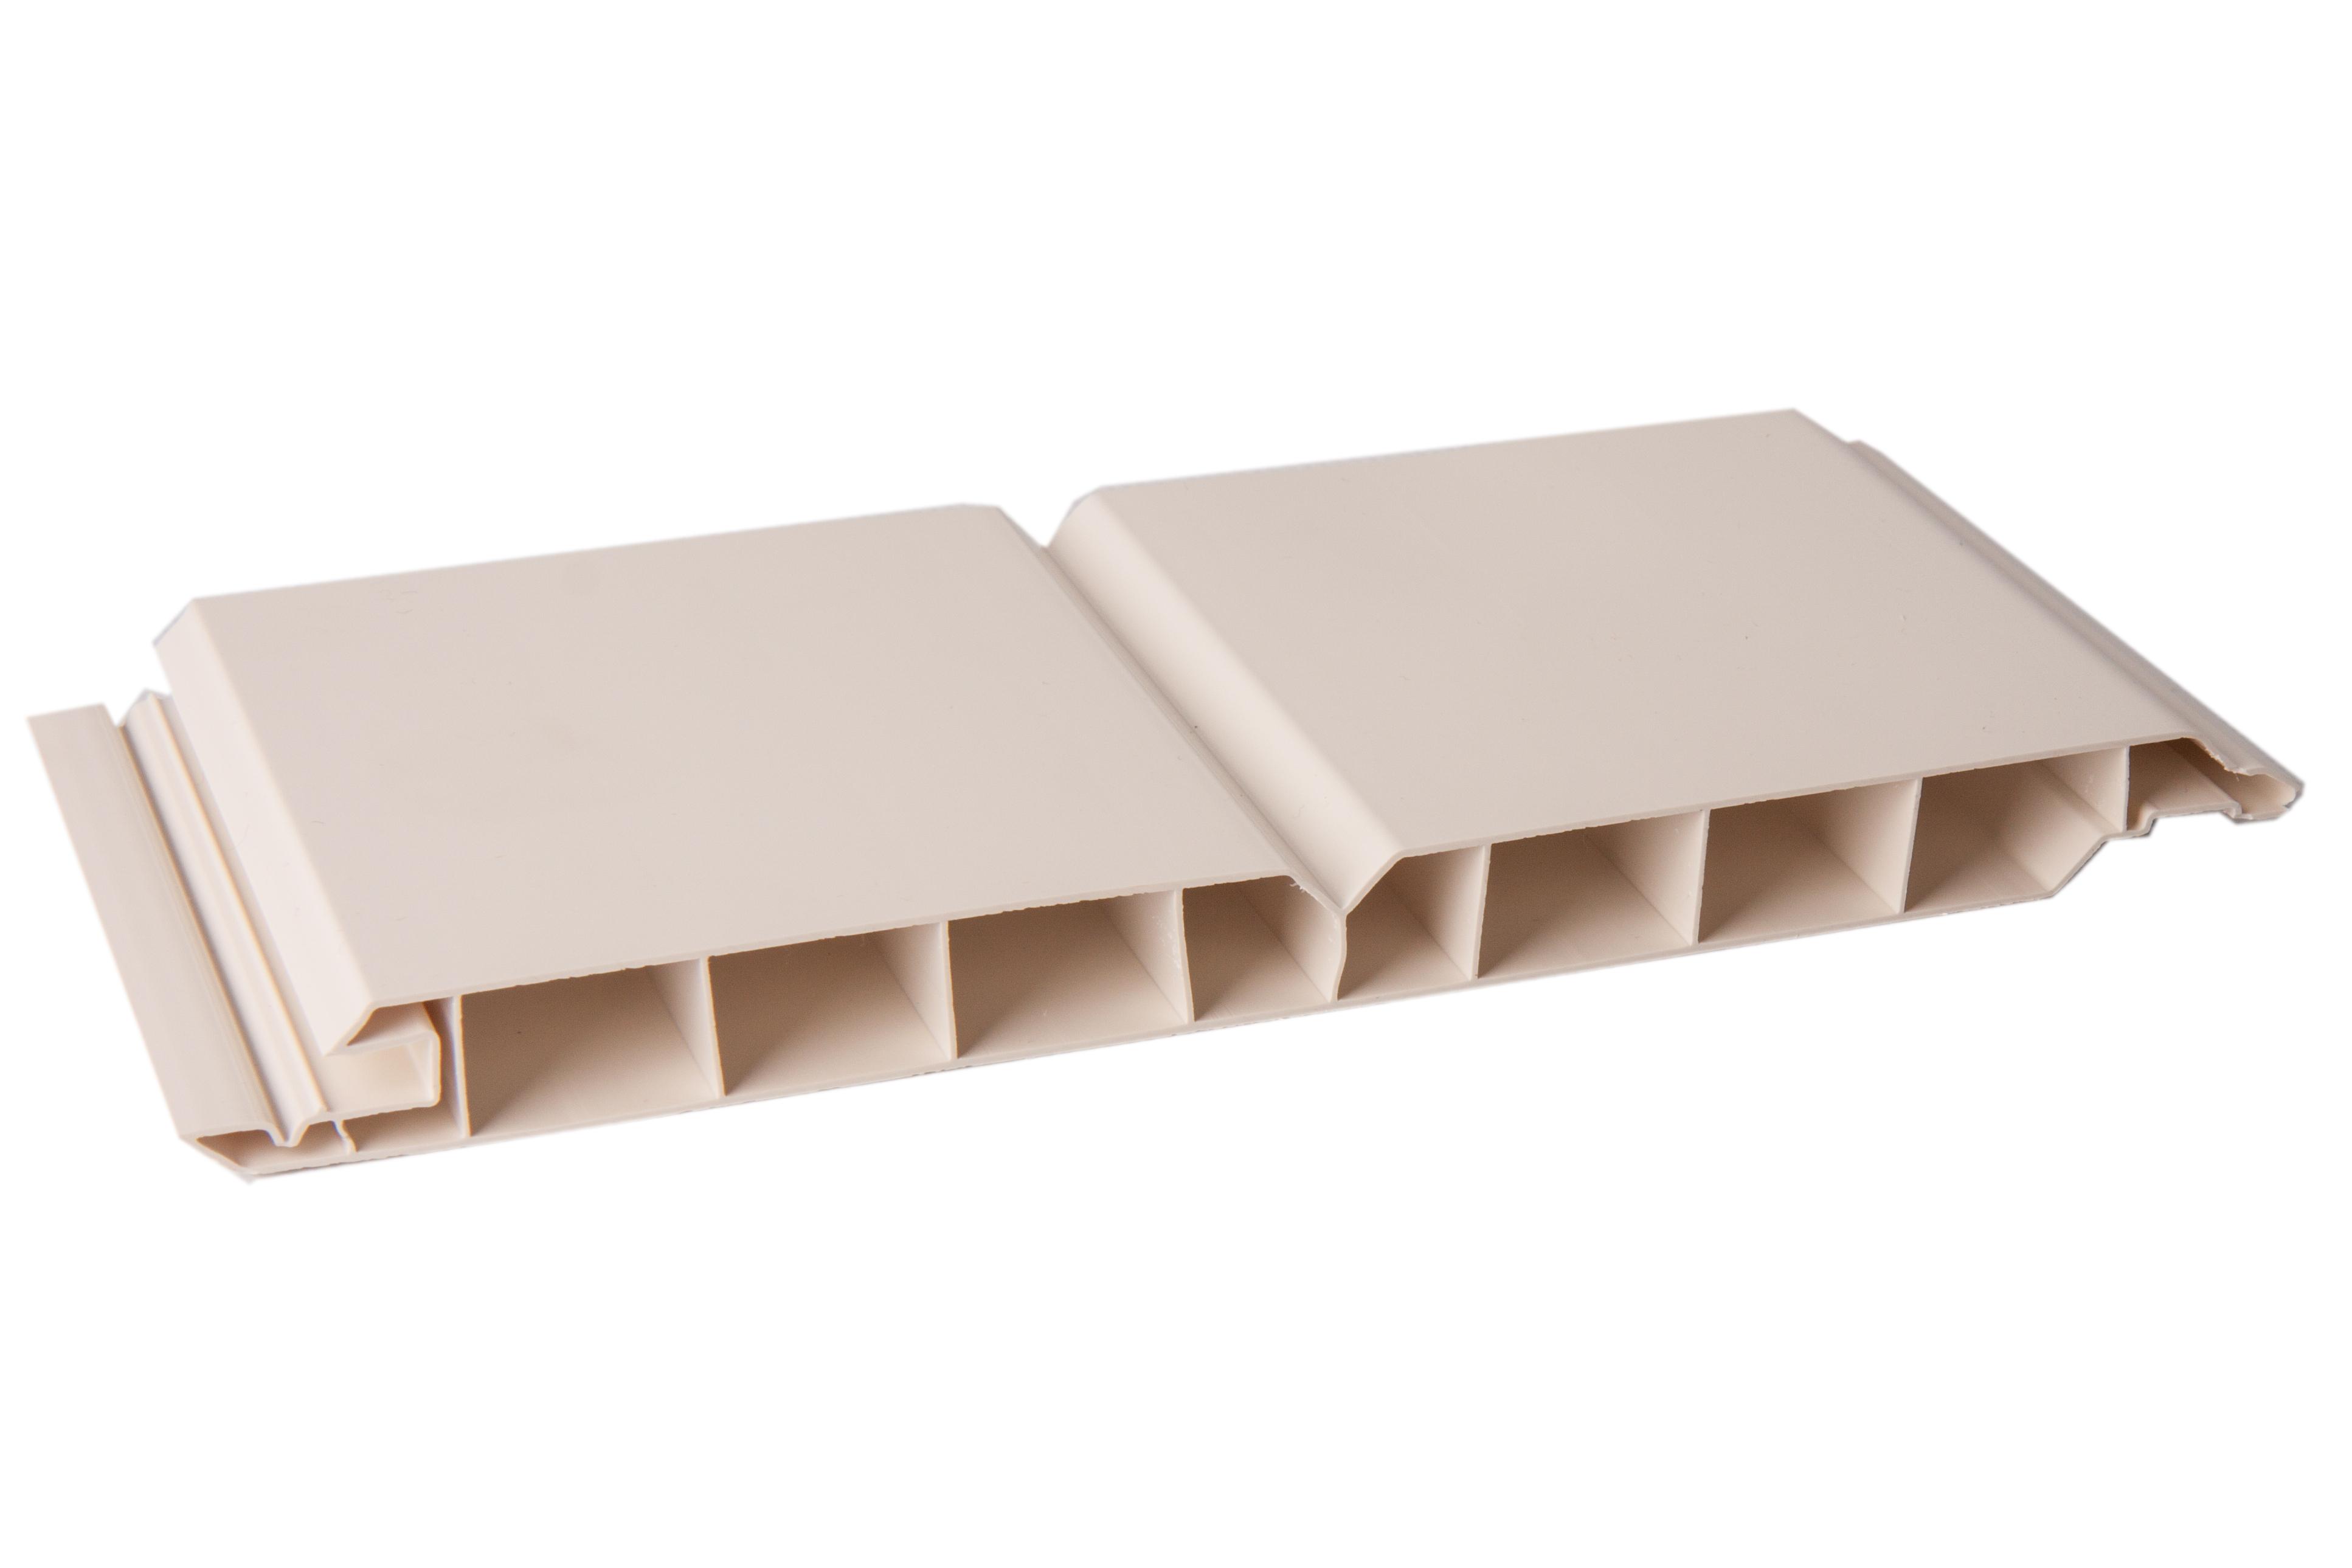 kunststoff paneele gj 17 200 mm n f cremewei durchgef rbt z une sichtschutzelemente im. Black Bedroom Furniture Sets. Home Design Ideas